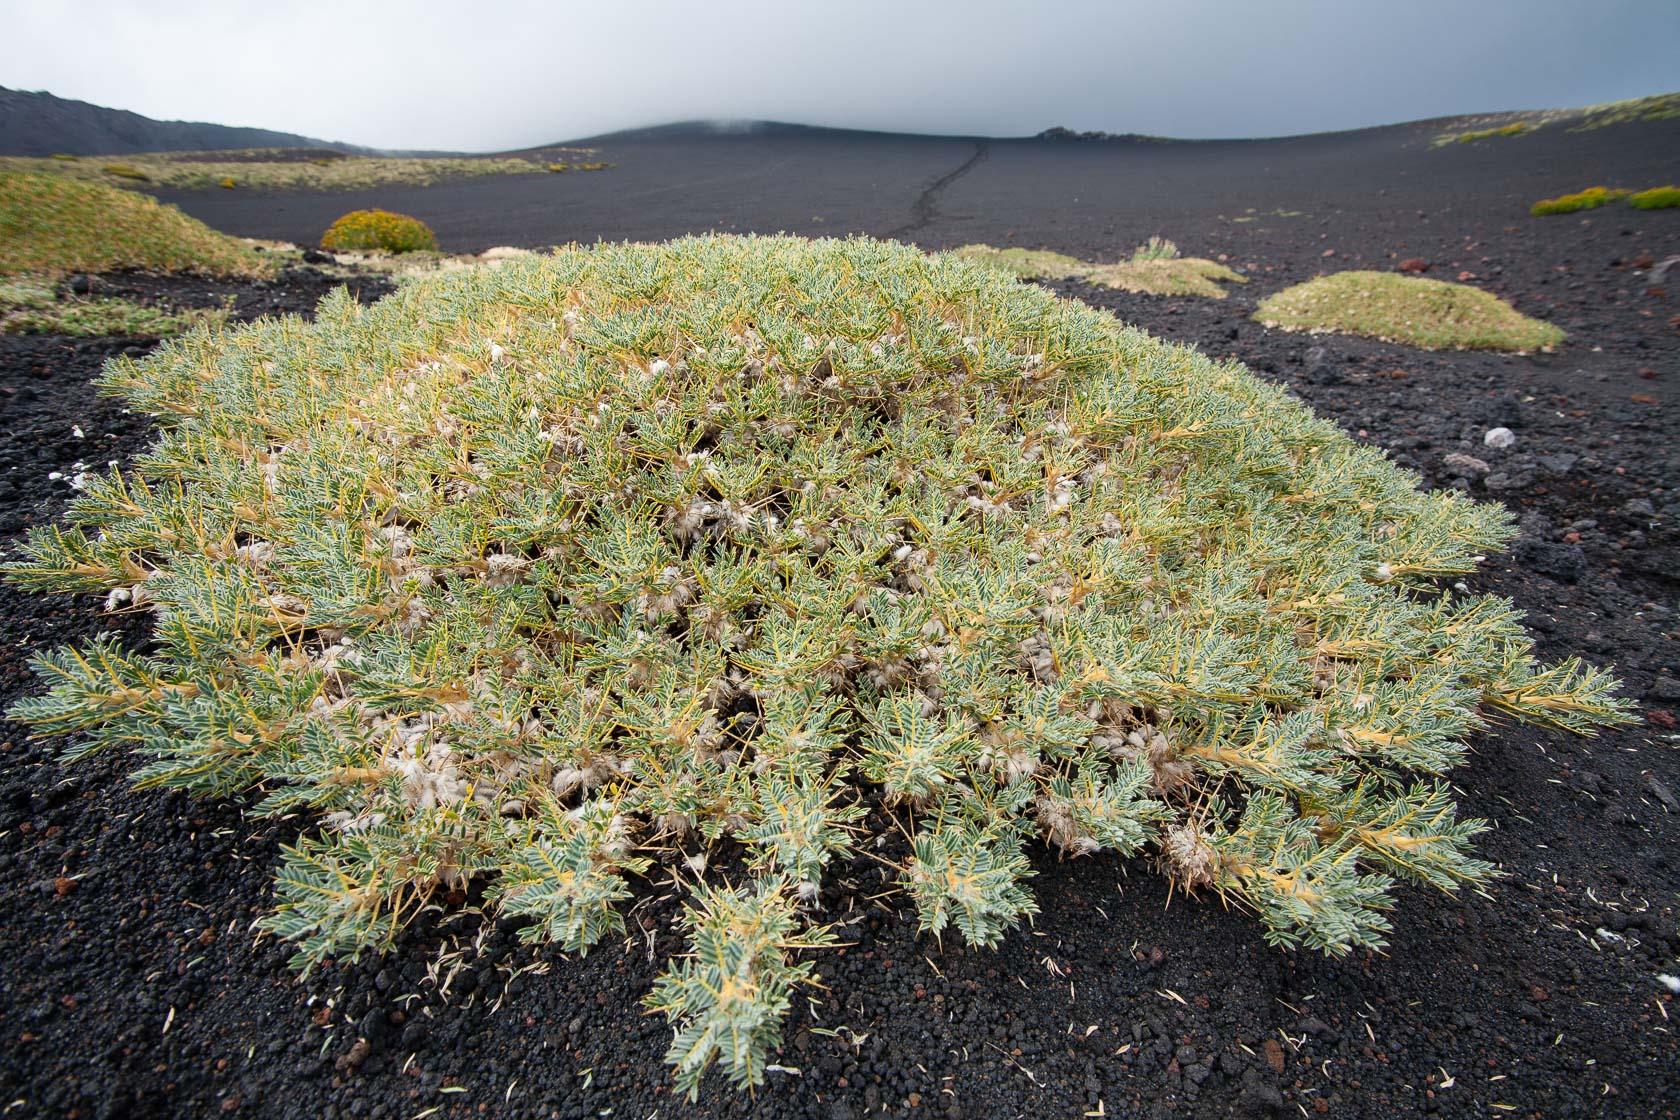 végétation pionnière sur les pentes de l'Etna, astragale de Sicile (Astracantha simula)